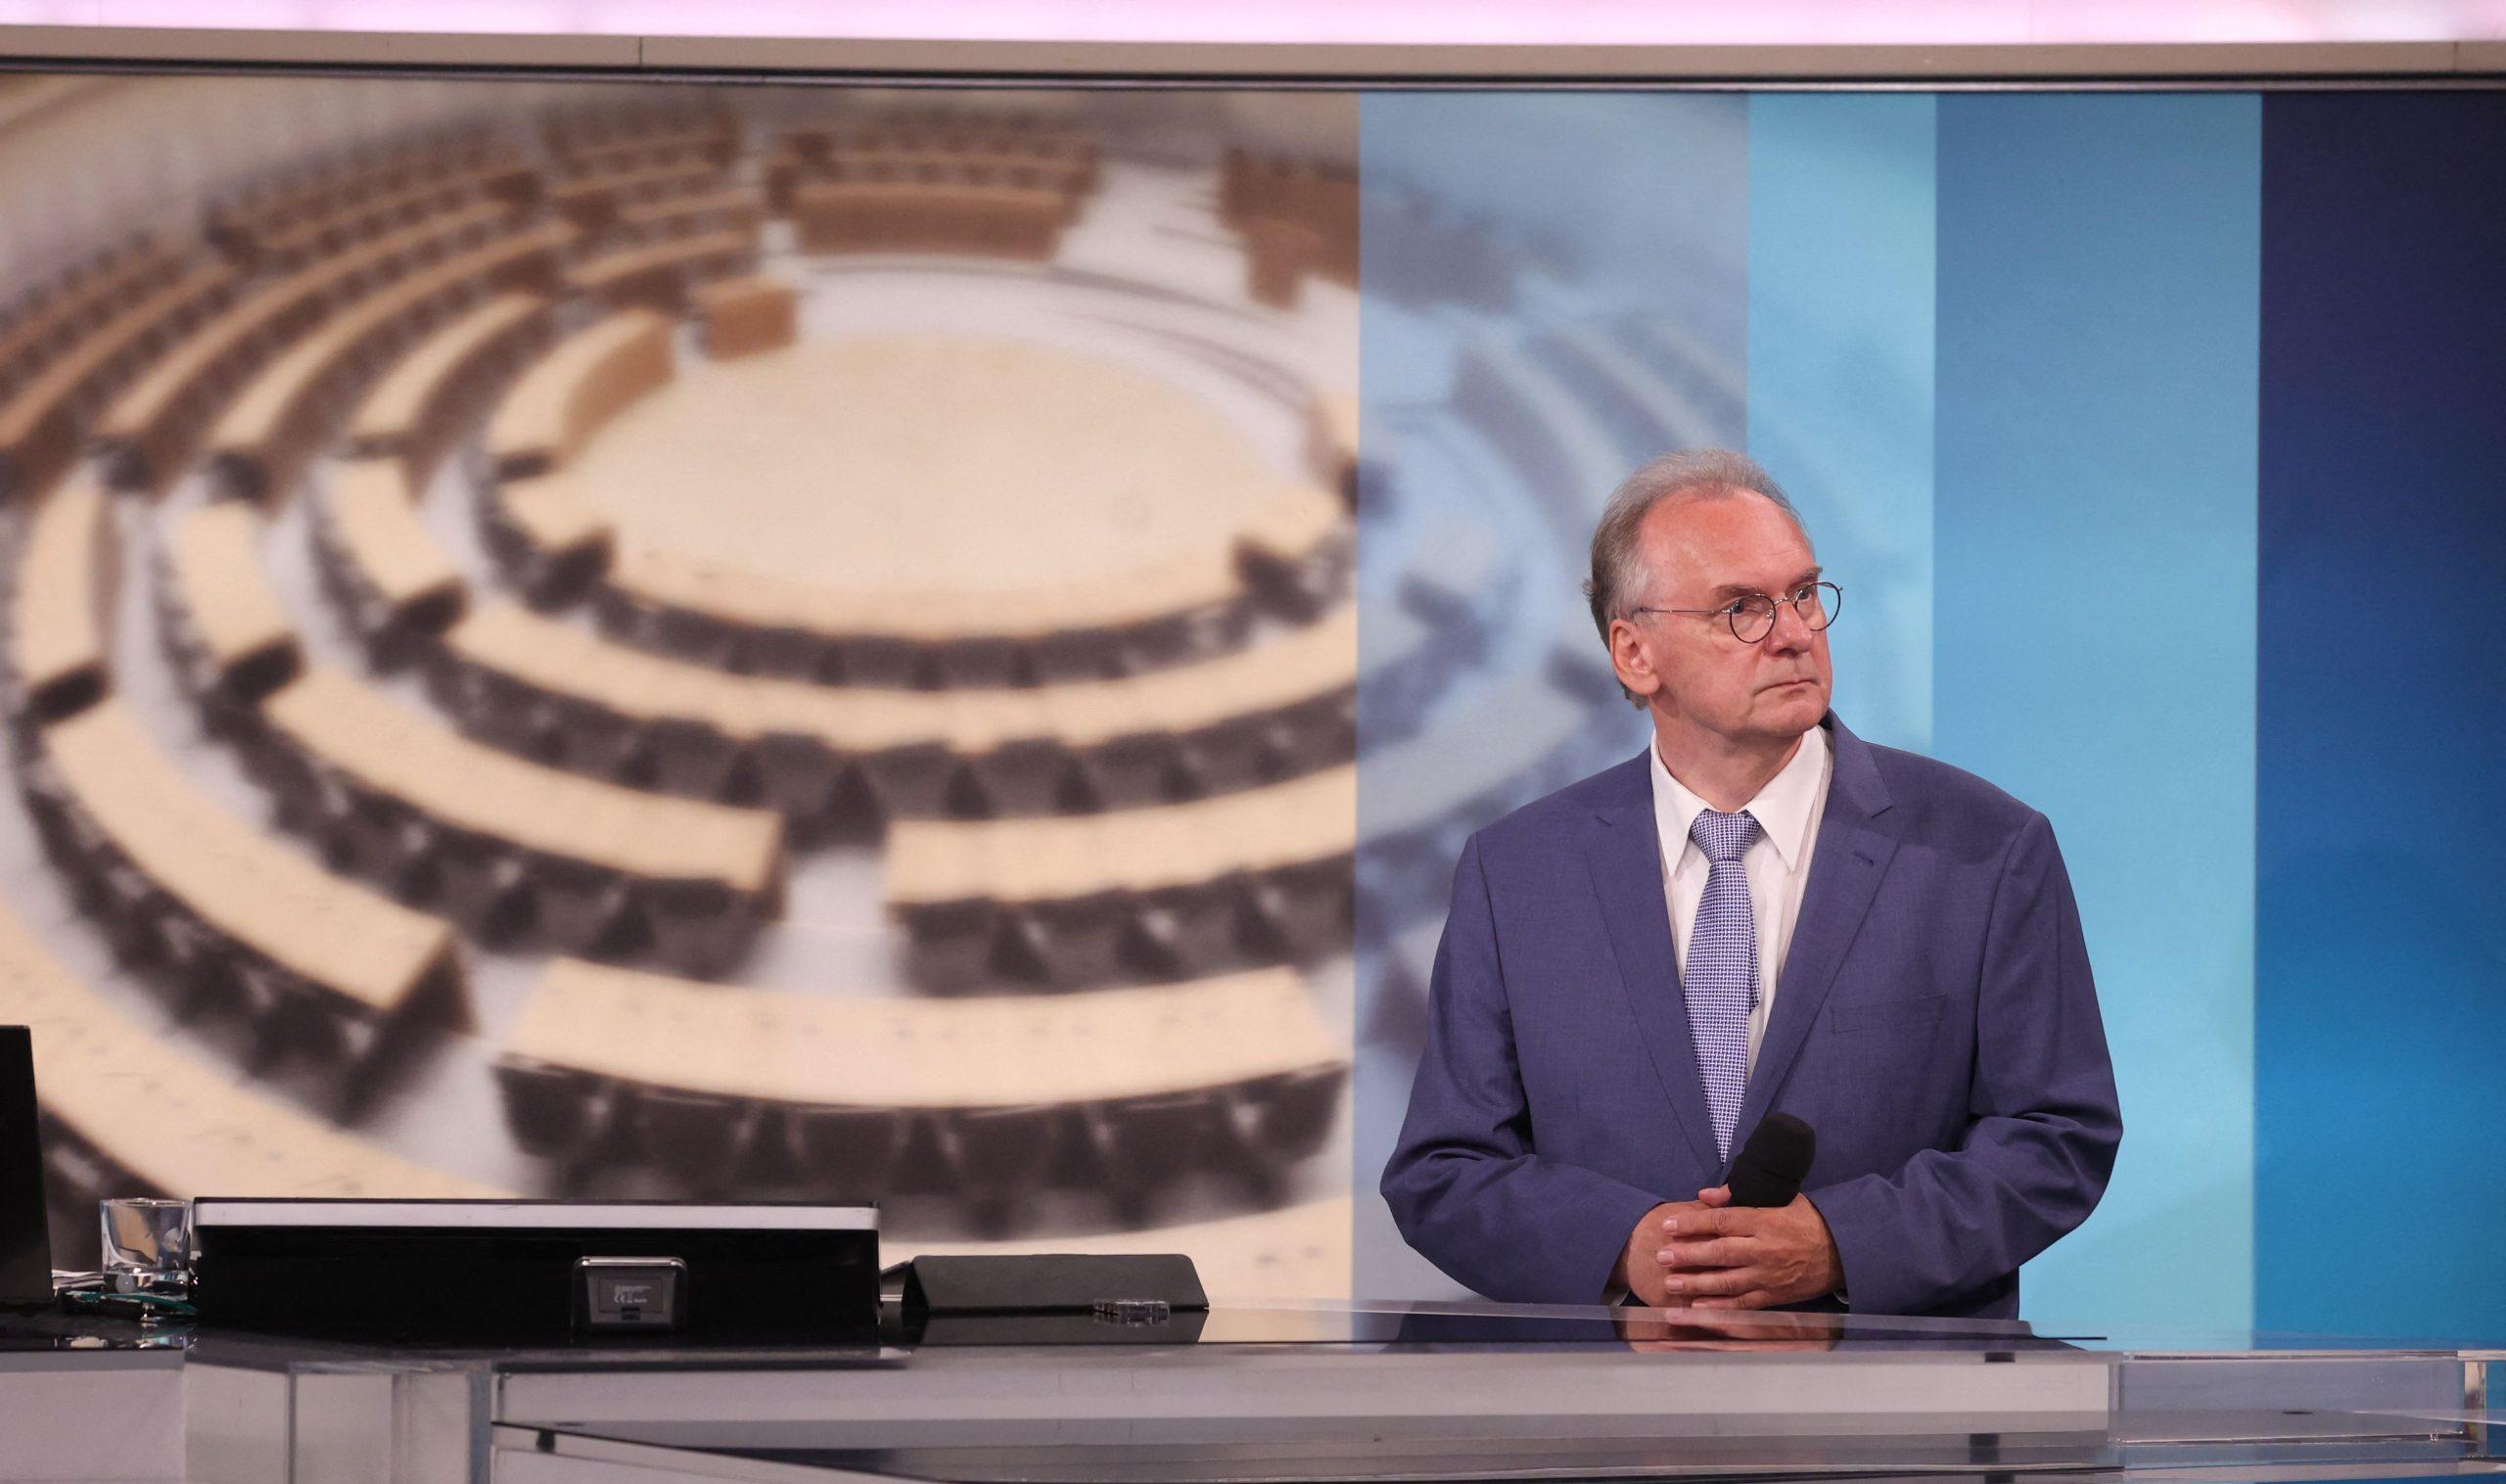 Ungereimtheiten um die Landtagswahl: Was war los in Sachsen-Anhalt?